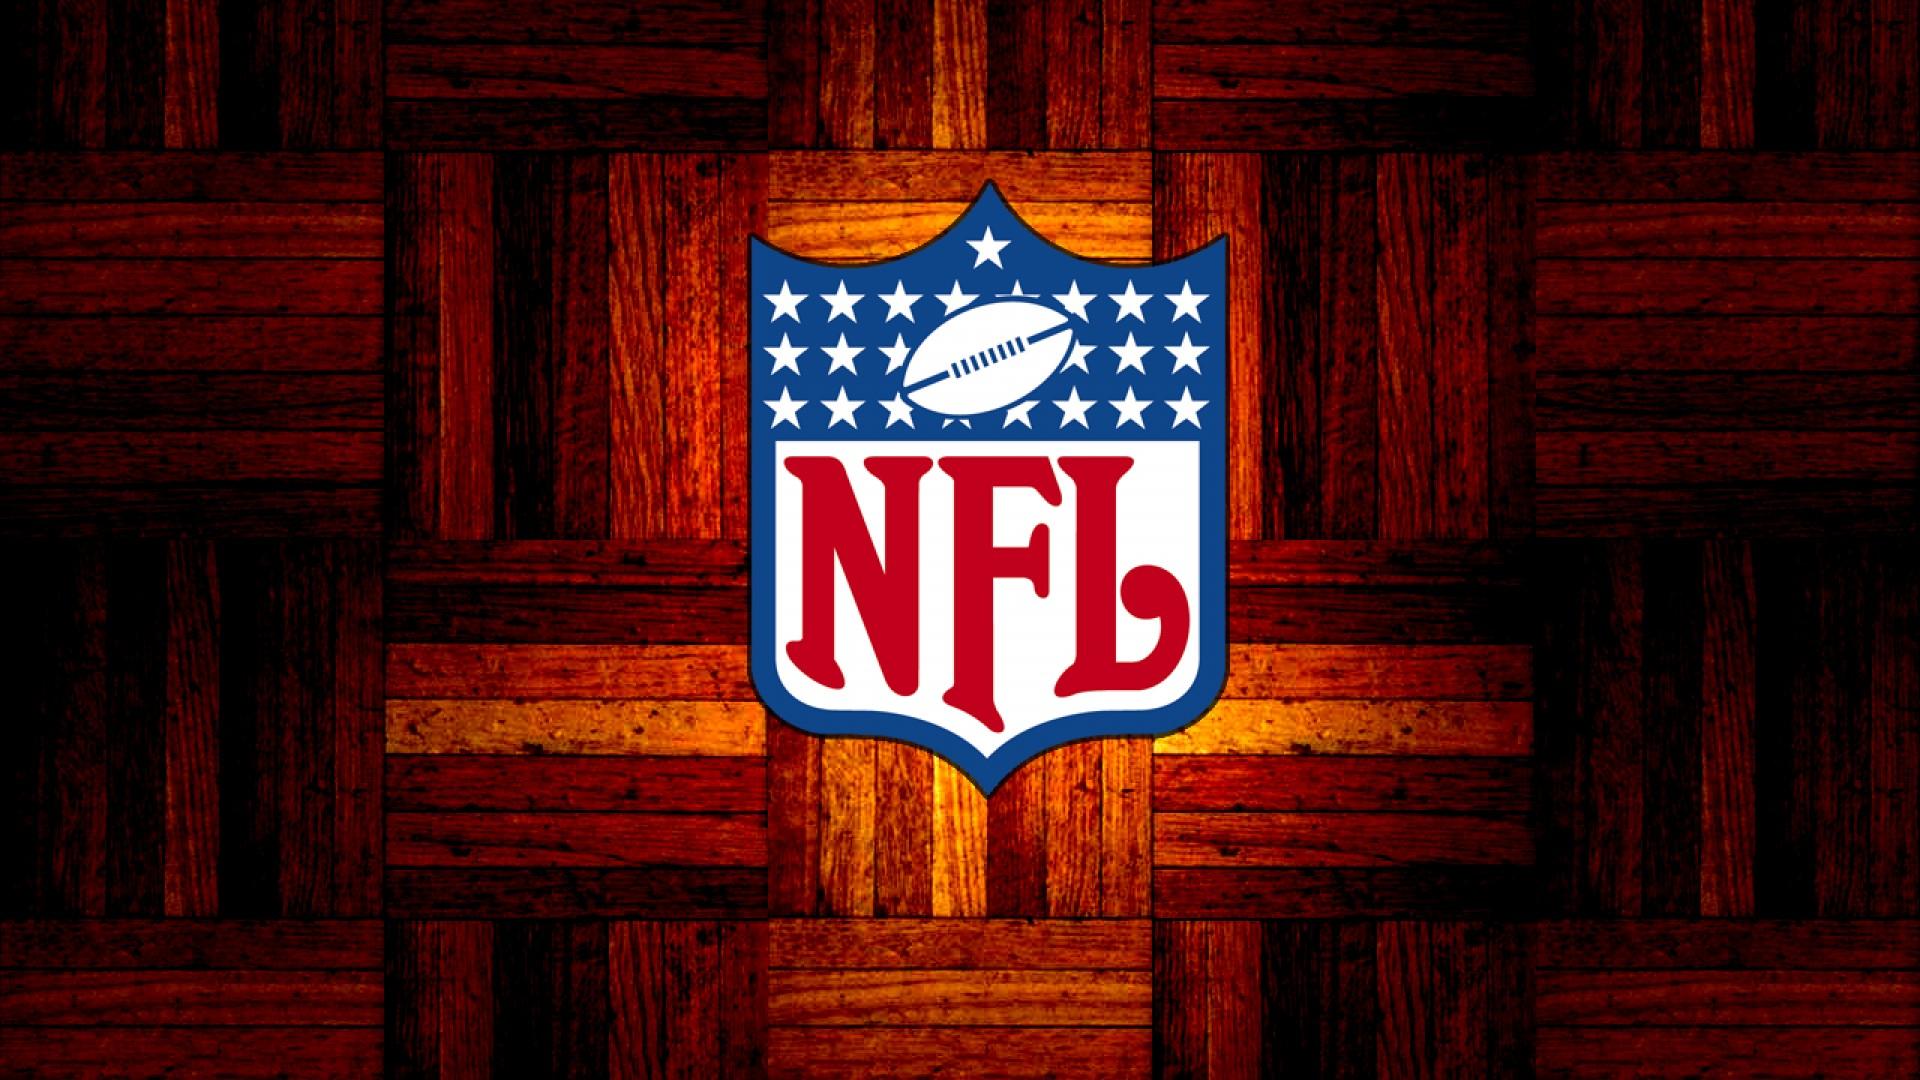 Philadelphia Eagles Wallpaper Hd Nfl Logo Wallpaper Hd Pixelstalk Net